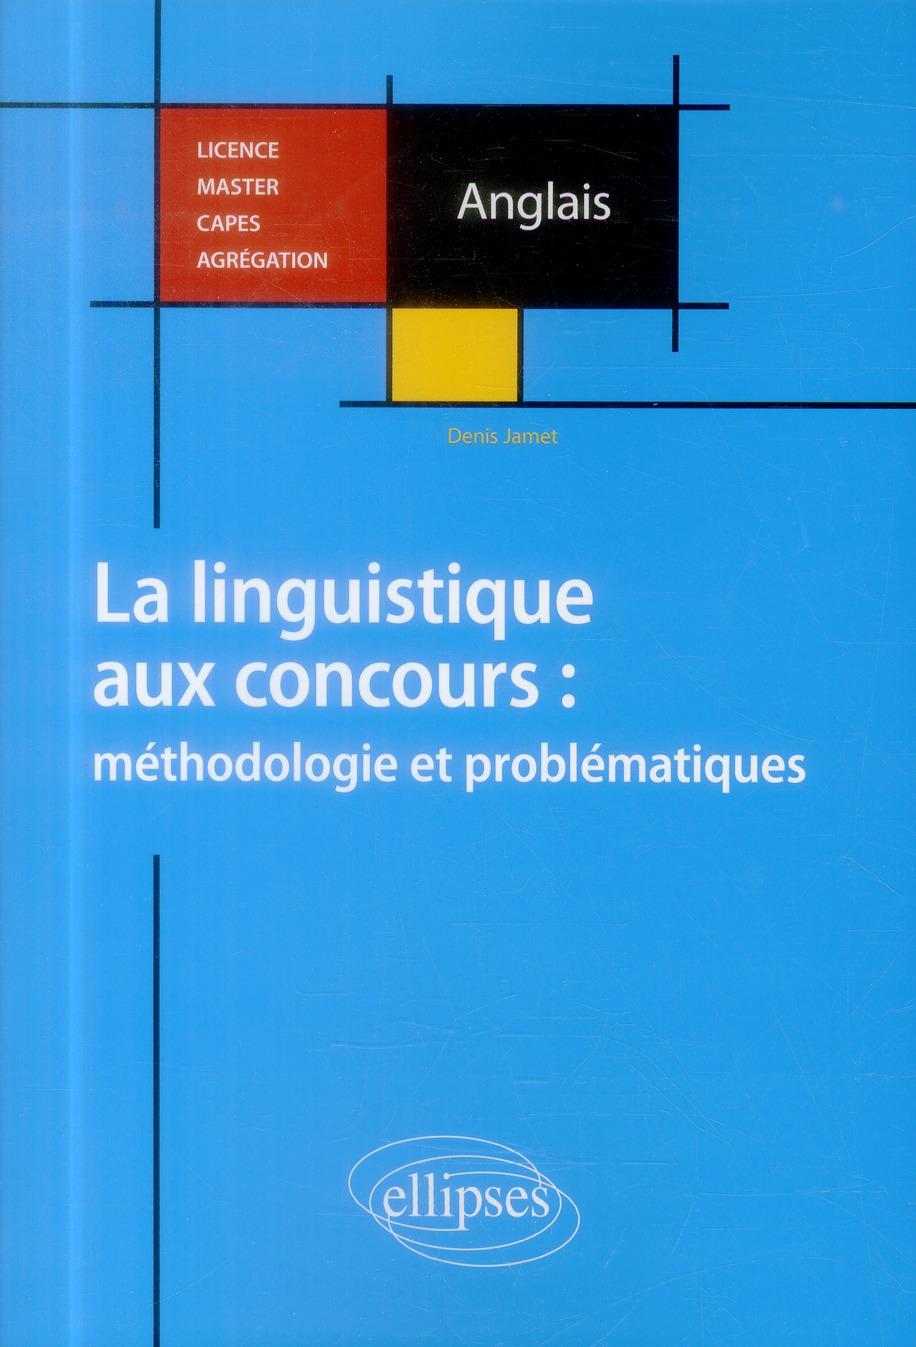 Anglais. la linguistique aux concours : methodologie et problematiques. licence, master, capes, agre